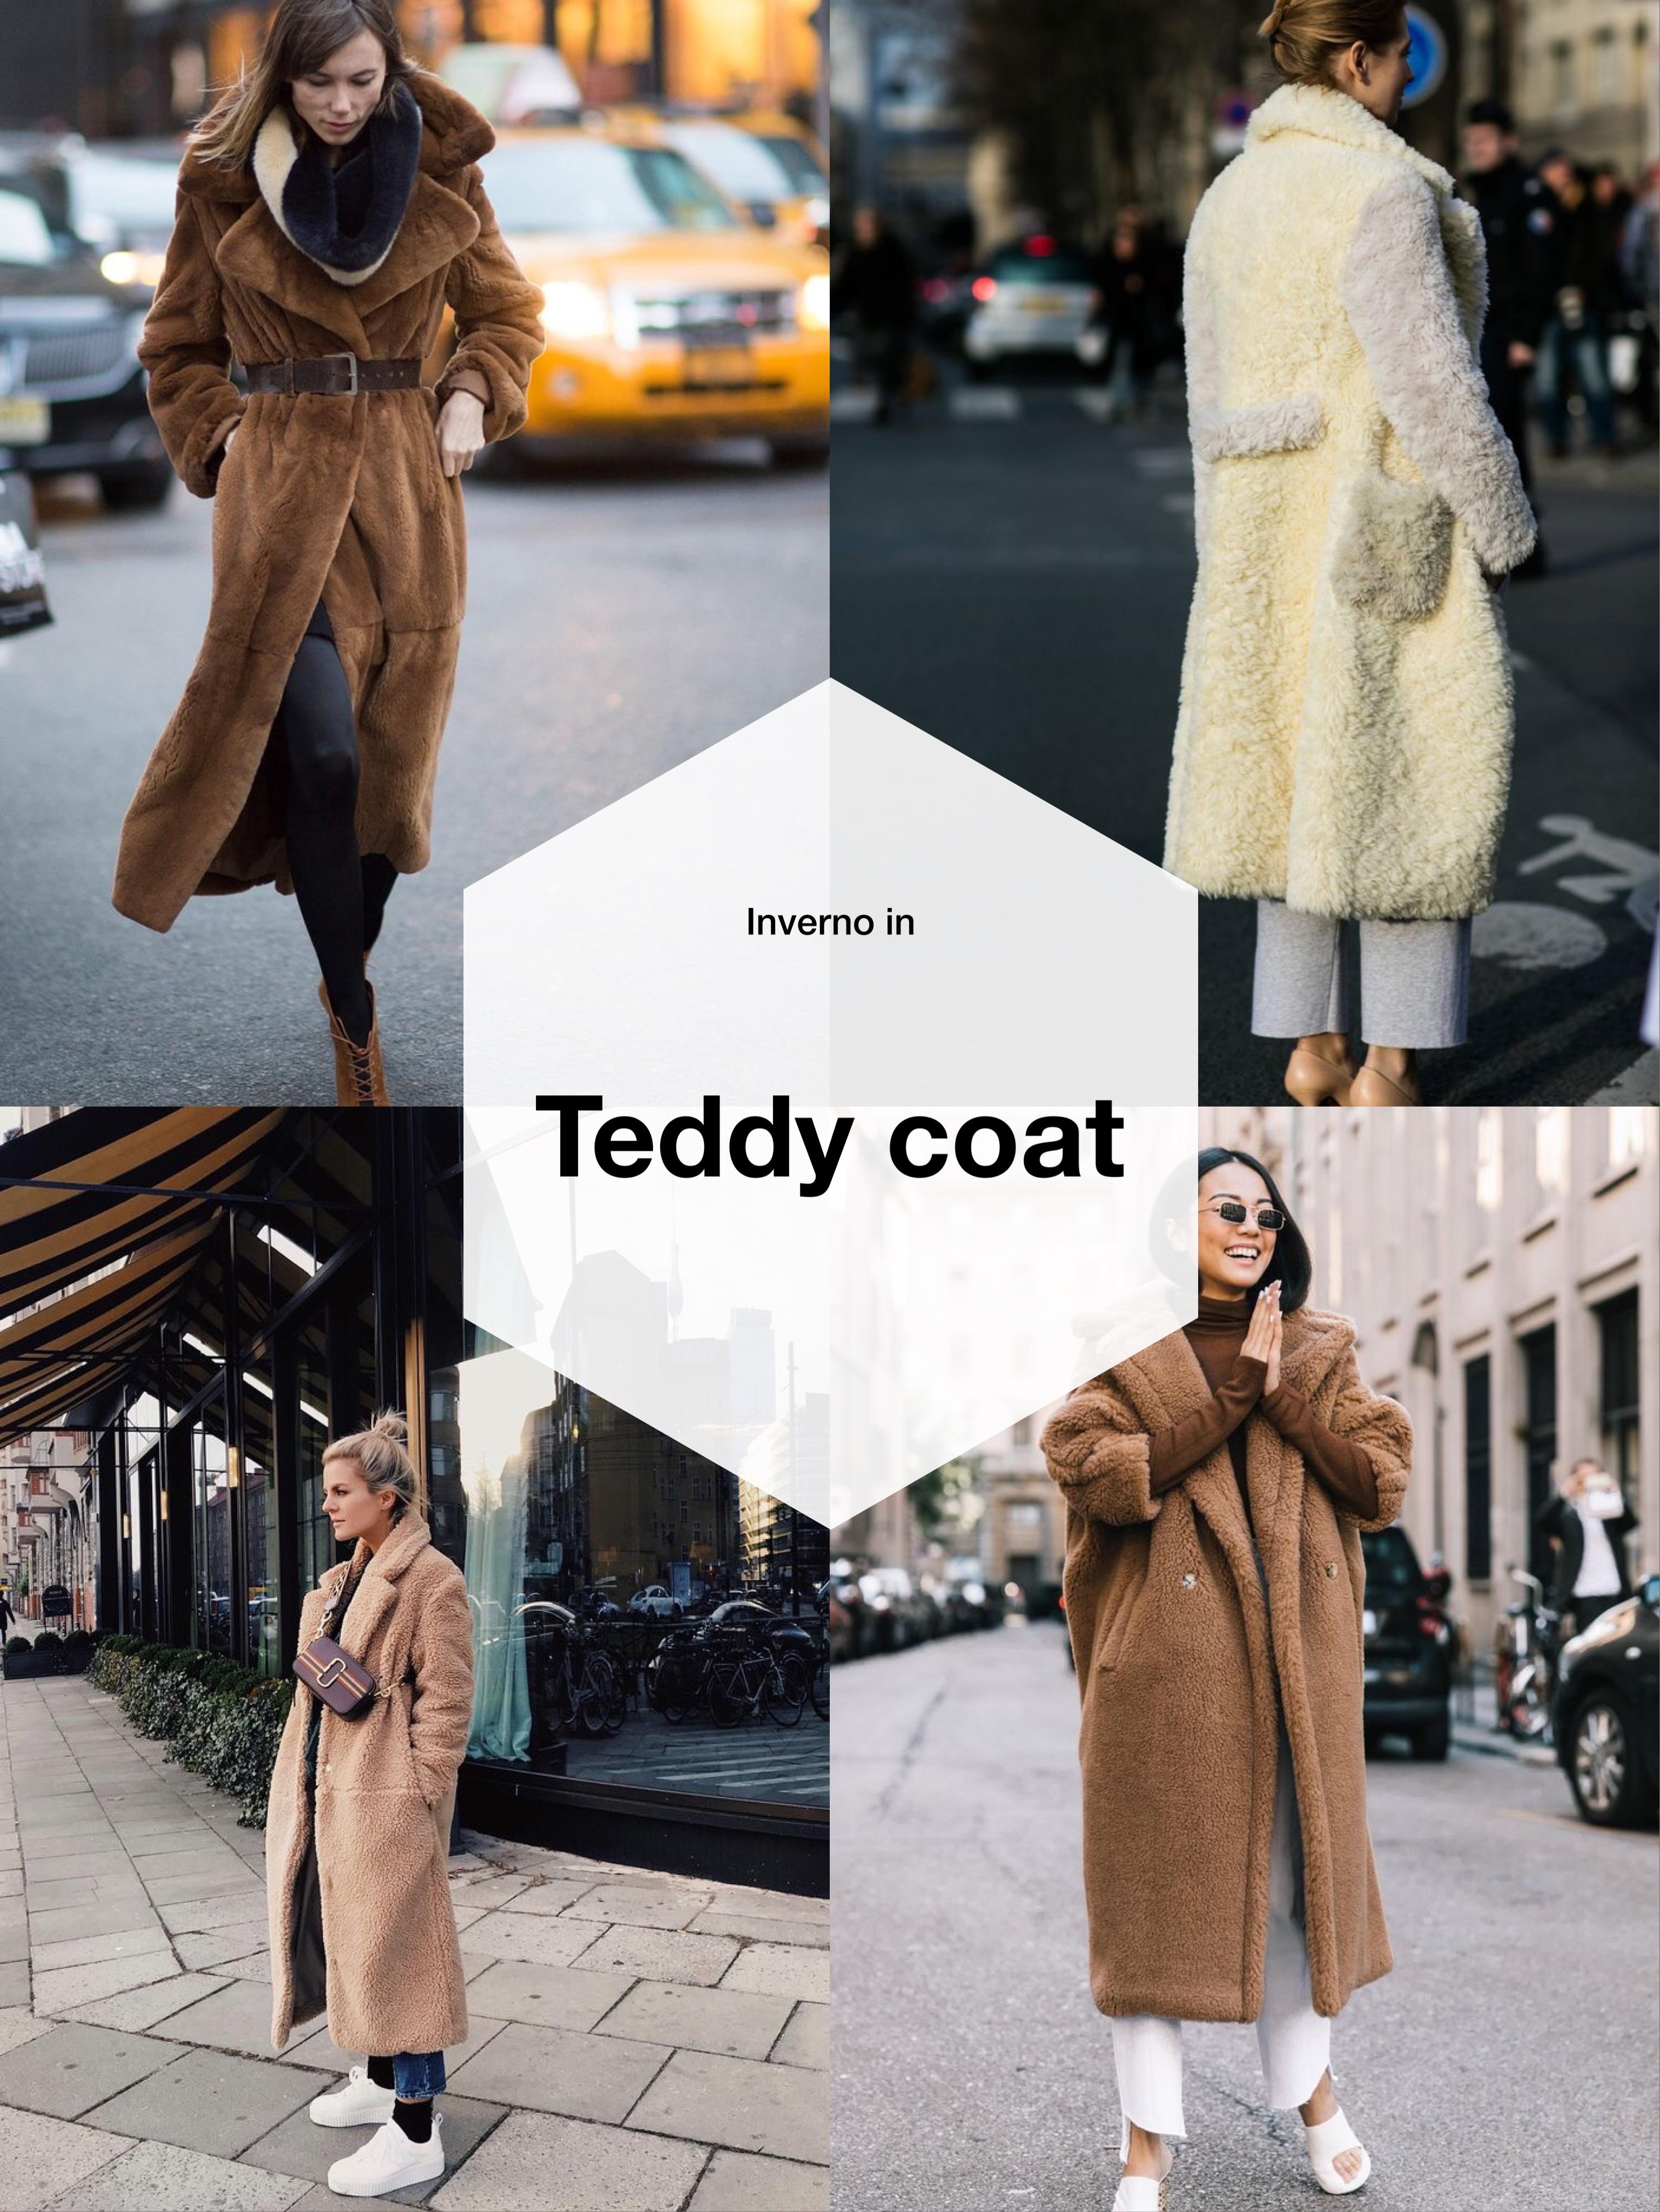 stile inverno 2017, idee outfit inverno 2017, cosa va di moda oggi 2017, outfit inverno 2017-18, cosa comprare inverno 2017-18, cosa comprare nei saldi invernali gennaio 2018, tendenze instagram moda inverno 2017, come vestirsi inverno, elisa bellino, blog moda italia